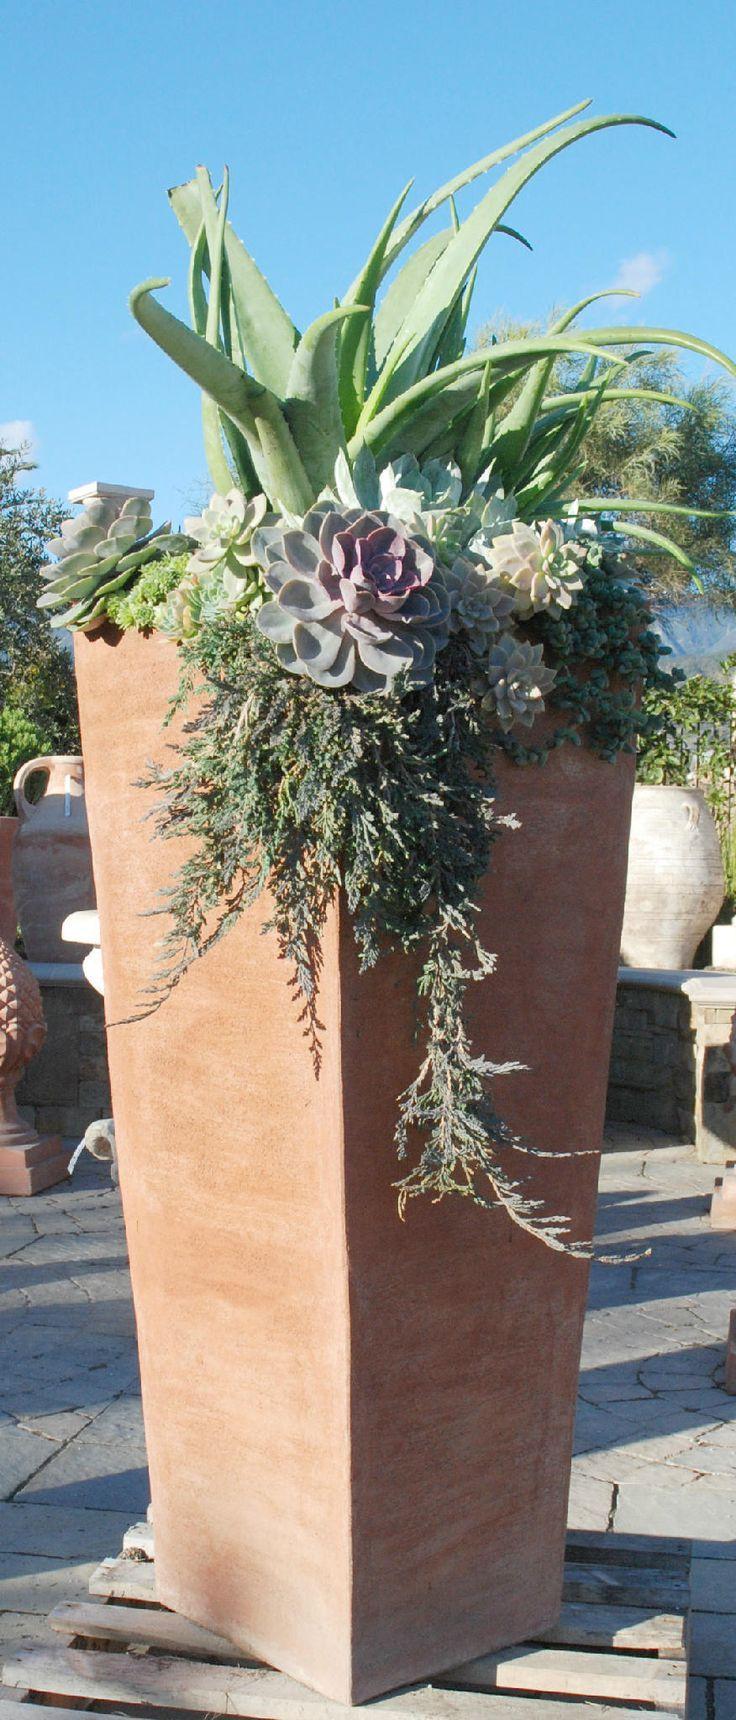 497 best Garden ideas - succulents images on Pinterest ...